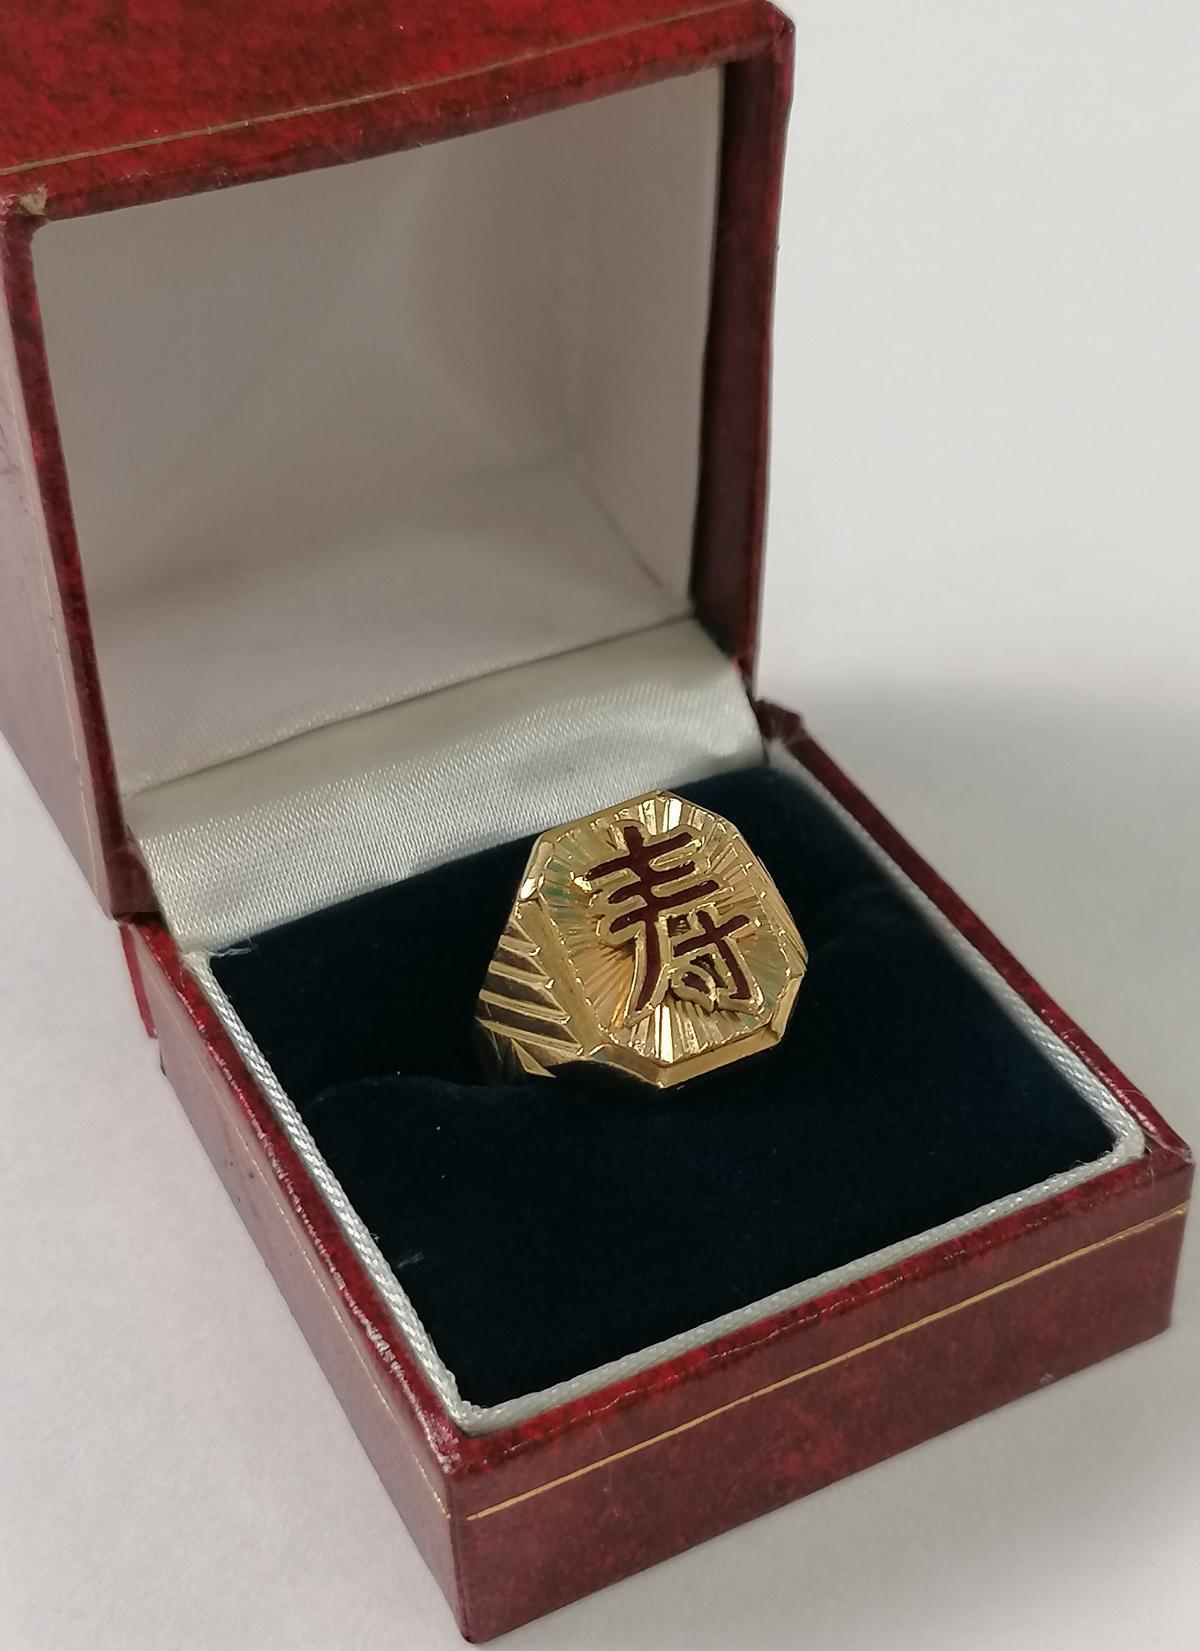 22 Karat Gelbgold-Siegelring mit dem chinesischen Schriftzeichen für 'Langes Leben'